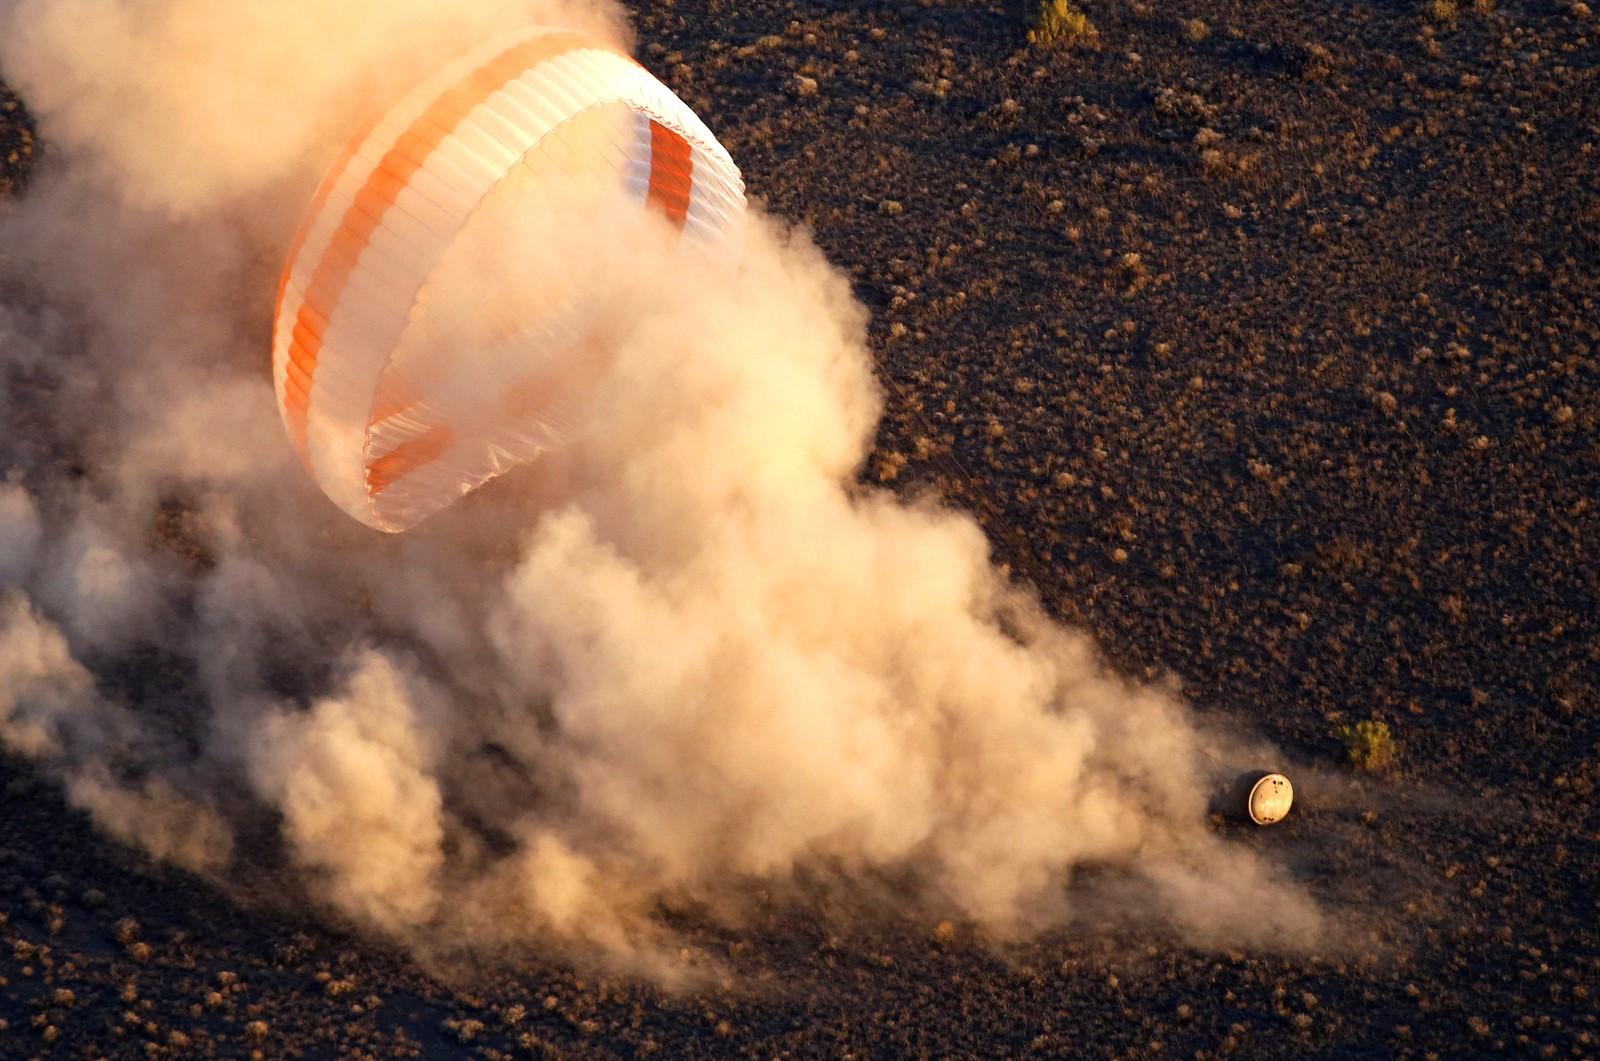 Og slik så landingen ut. Ikke rart romfarerne smilte etterpå.